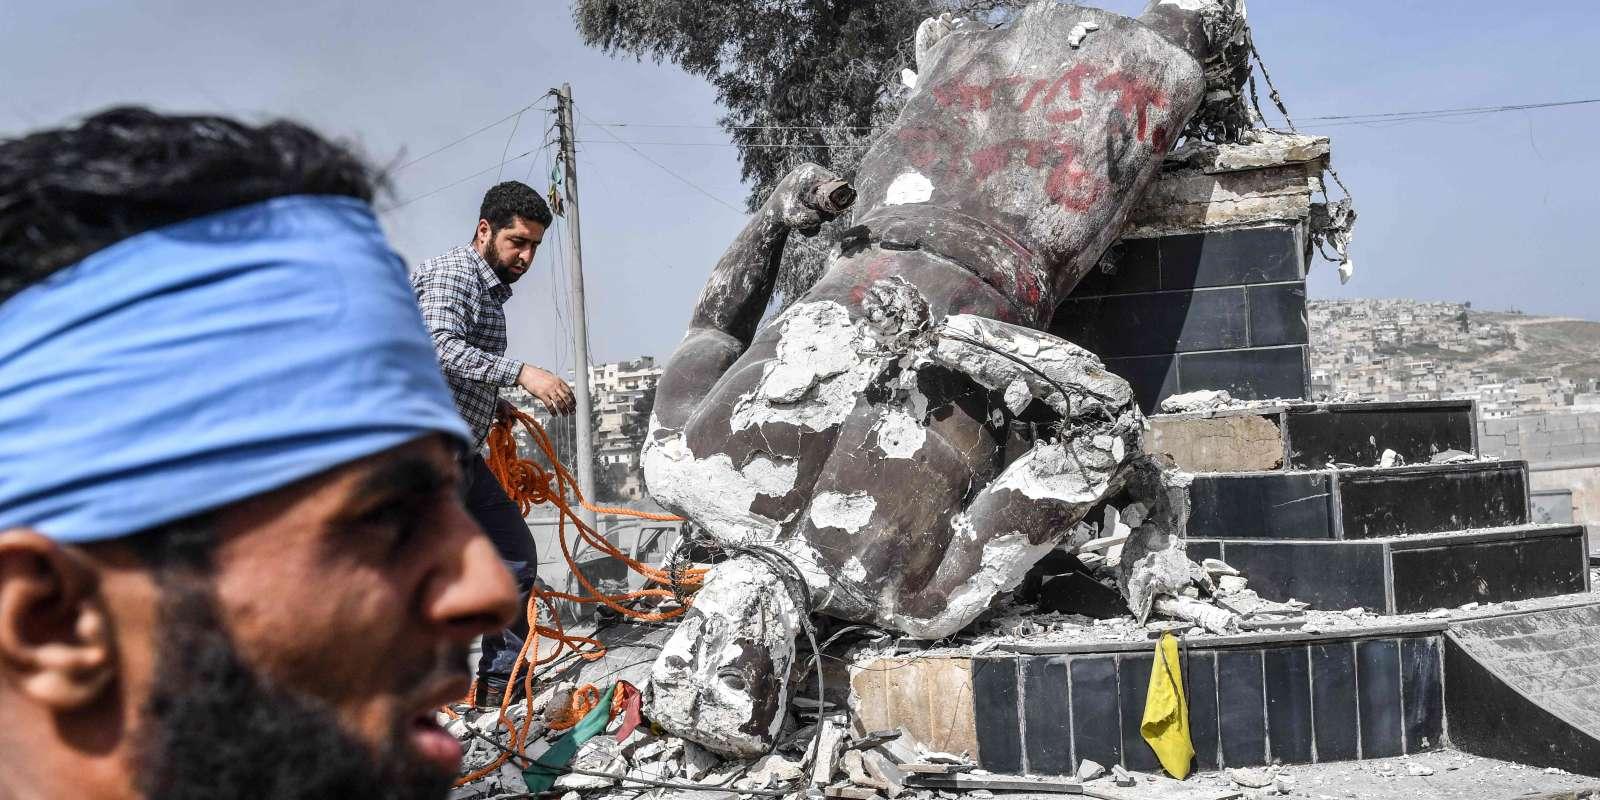 Des rebelles syriens soutenus par la Turquie abattent une statue de Kawa le forgeron, personnage mythique considéré comme un héros par les Kurdes, le 18 mars à Afrin.